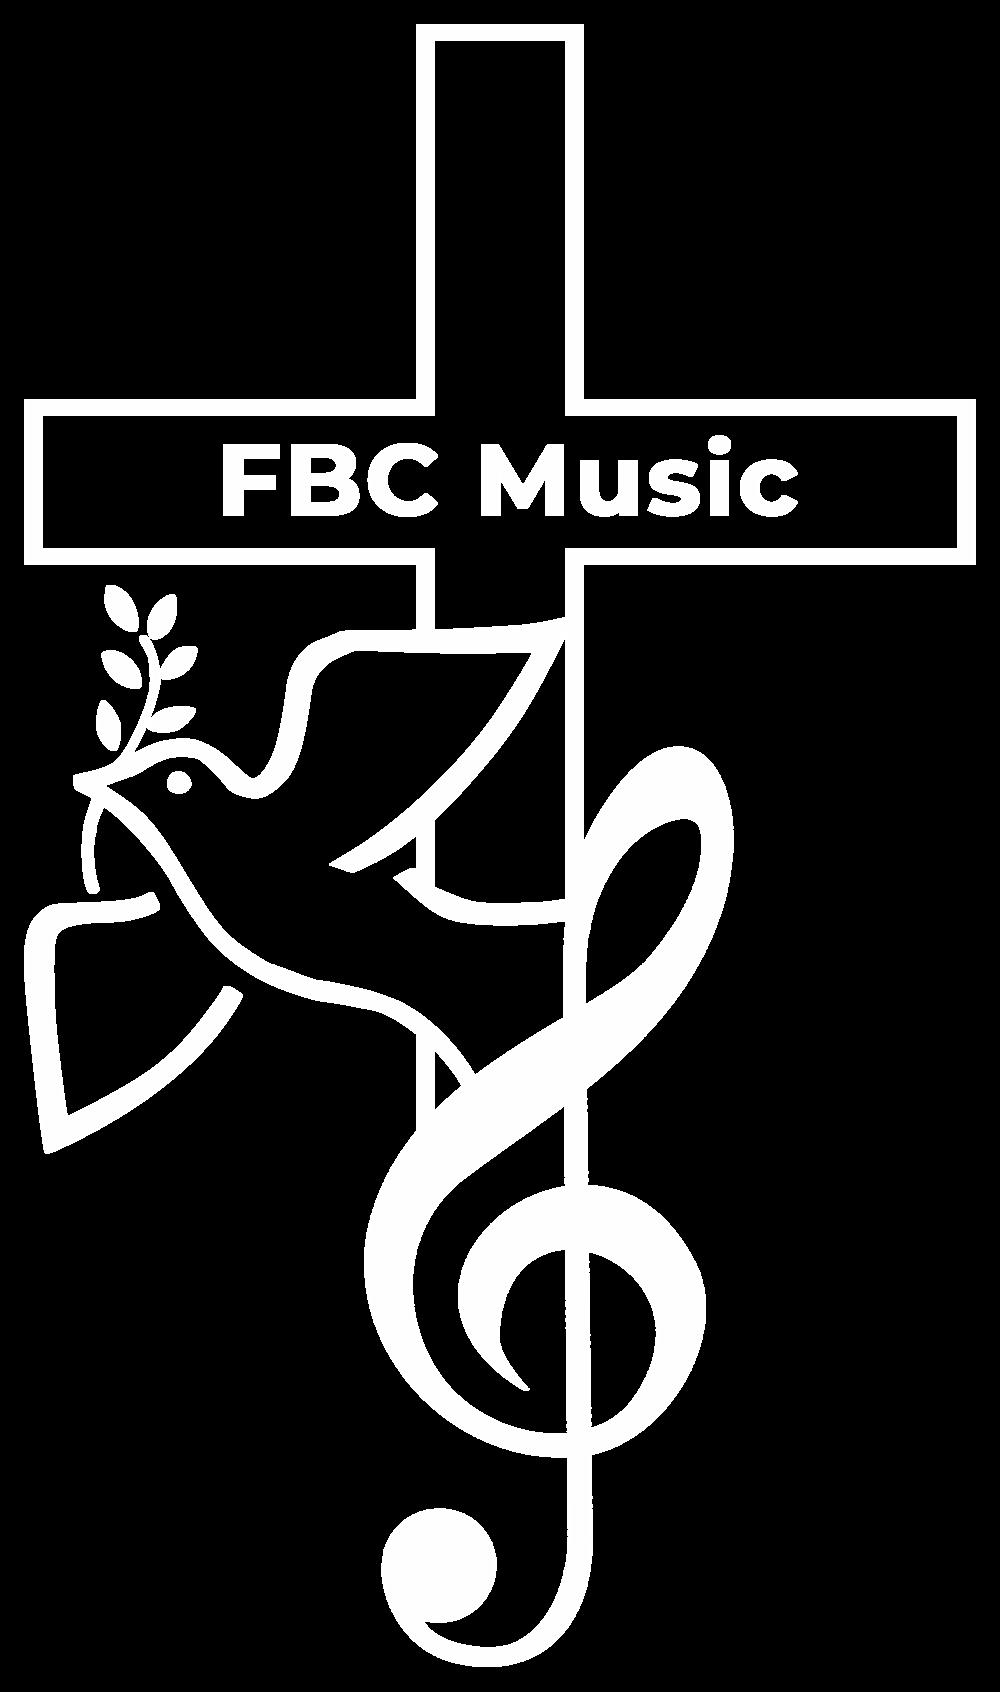 FBC_Music_Logo.png